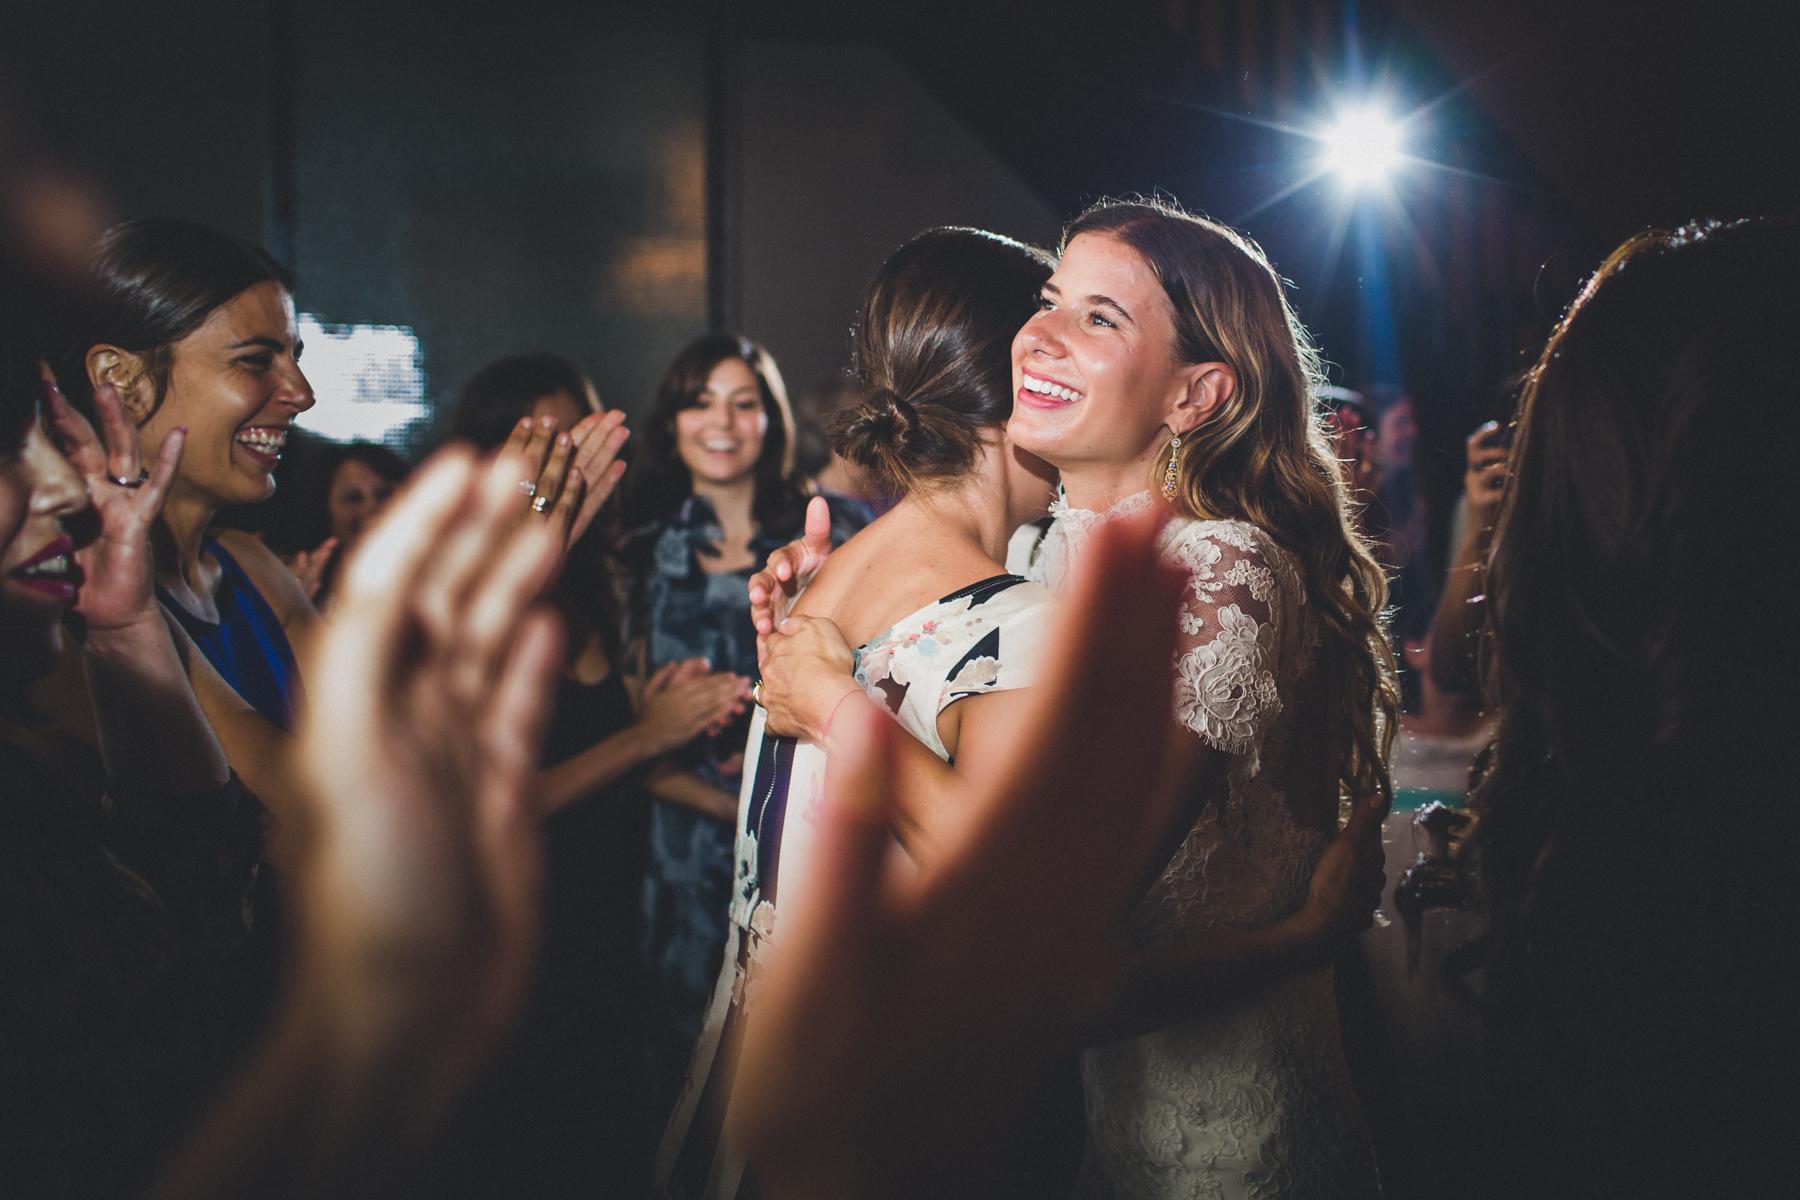 Wythe-Hotel-Green-Building-Brooklyn-Documentary-Wedding-Photography-104.jpg